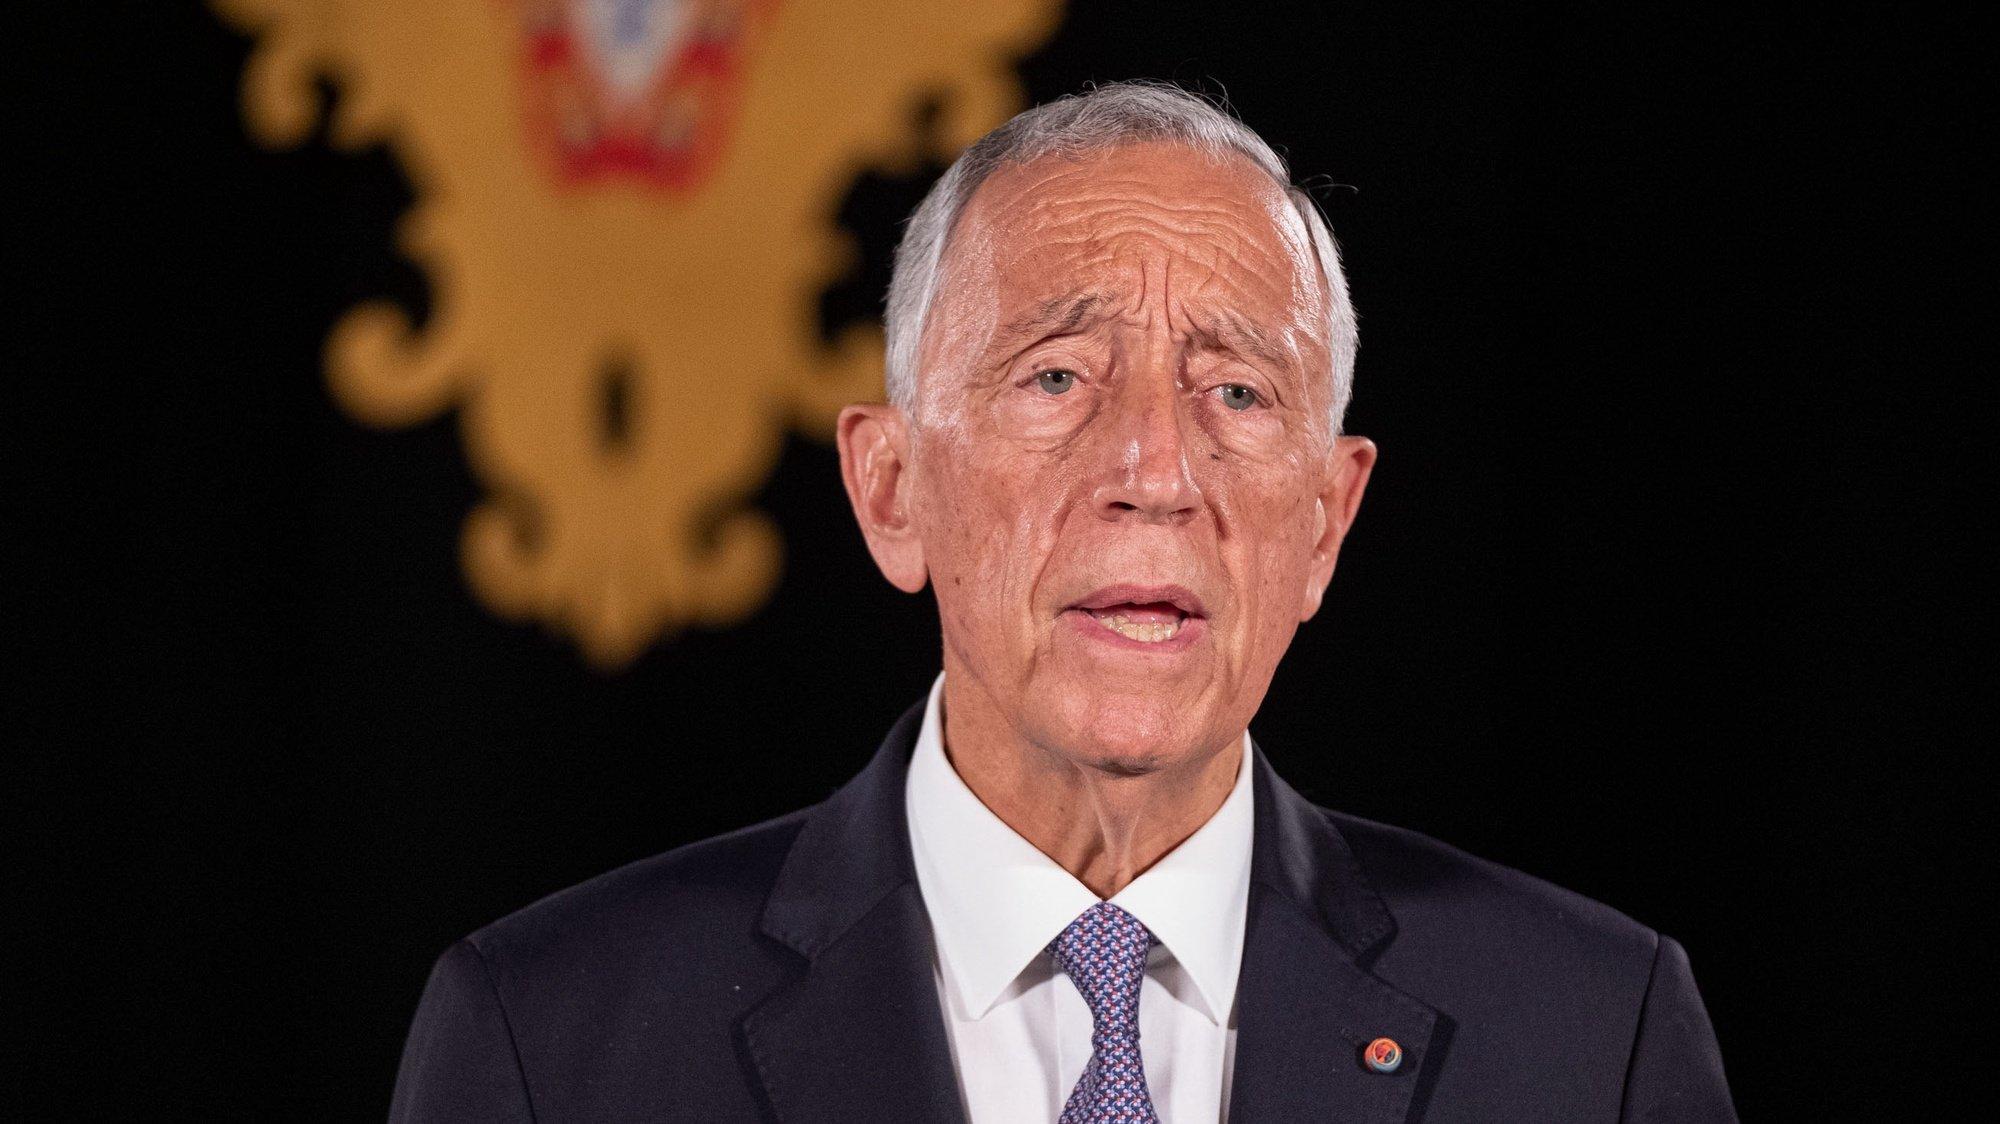 O Presidente da República, Marcelo Rebelo de Sousa, fala ao País sobre a décima renovação do segundo estado de emergência no Palácio de Belém, Lisboa, 25 de março de 2021.  RUI OCHÔA/PRESIDÊNCIA DA REPÚBLICA/LUSA